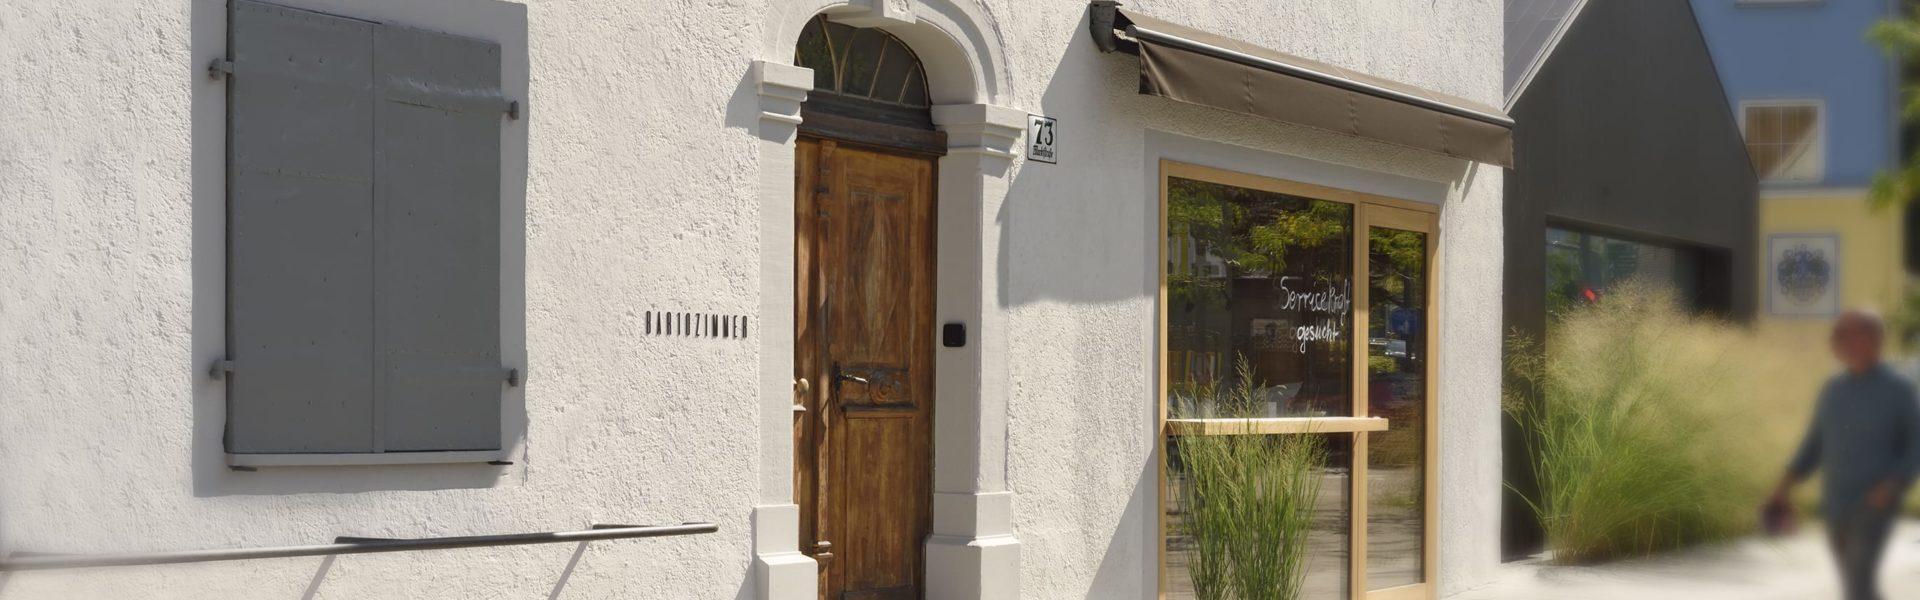 Stadthotel Bar10Zimmer, Dornbirn (c) BAR10ZIMMER